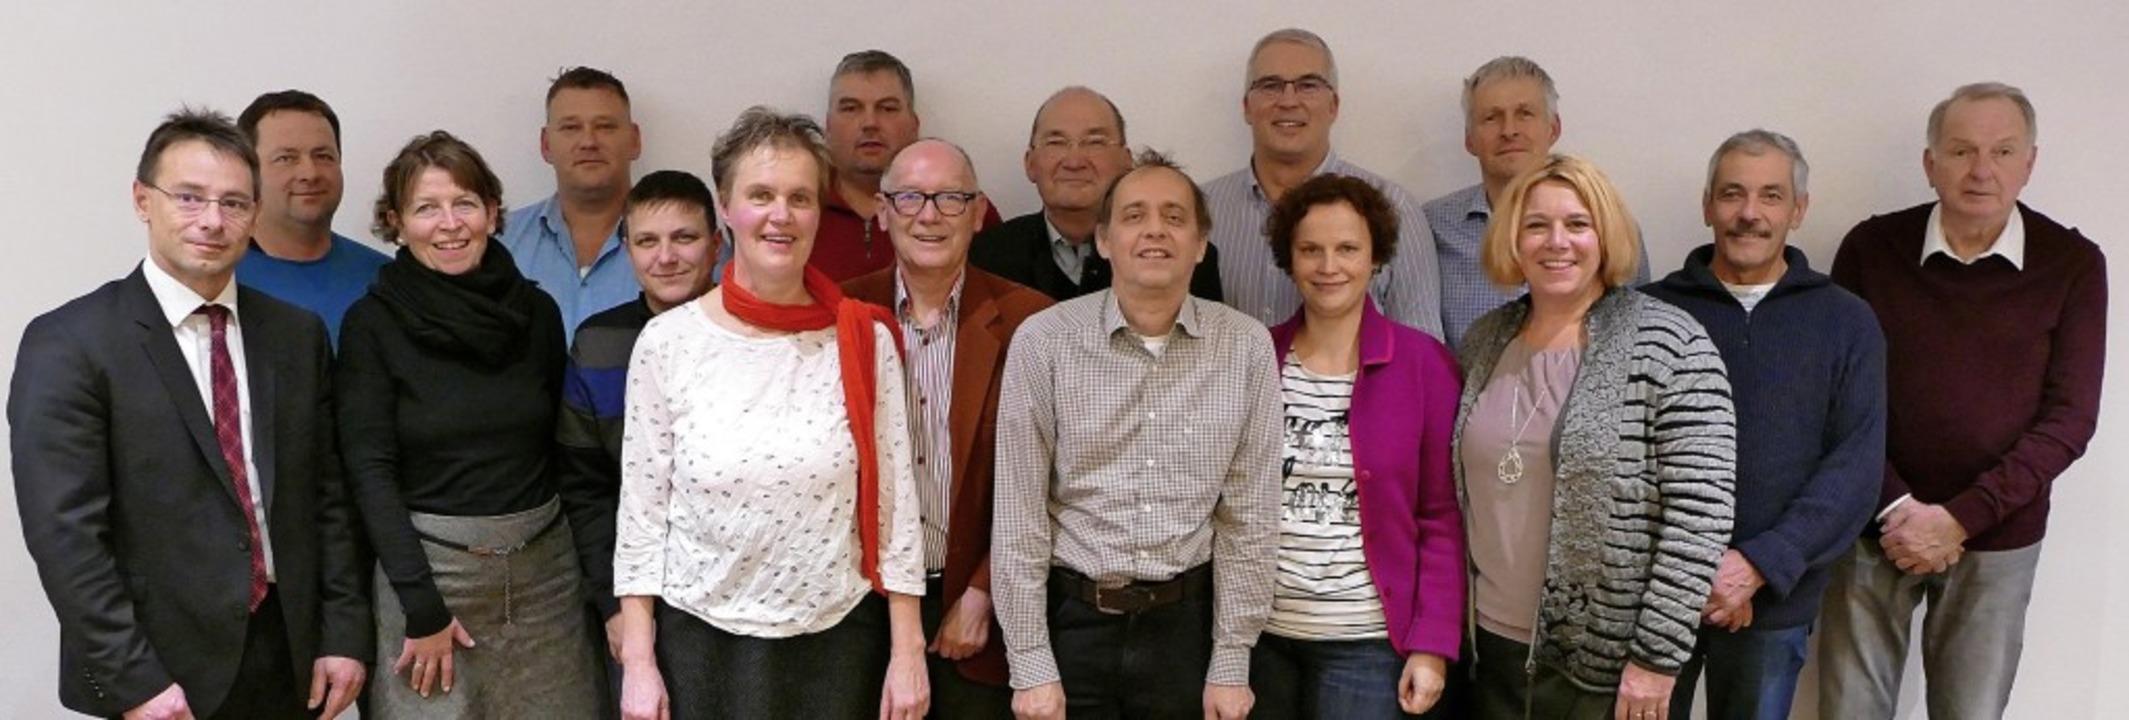 Die CDU hat ihre Kandidaten für die Ko... und geht mit ihnen in den Wahlkampf.   | Foto: Tanja Bury